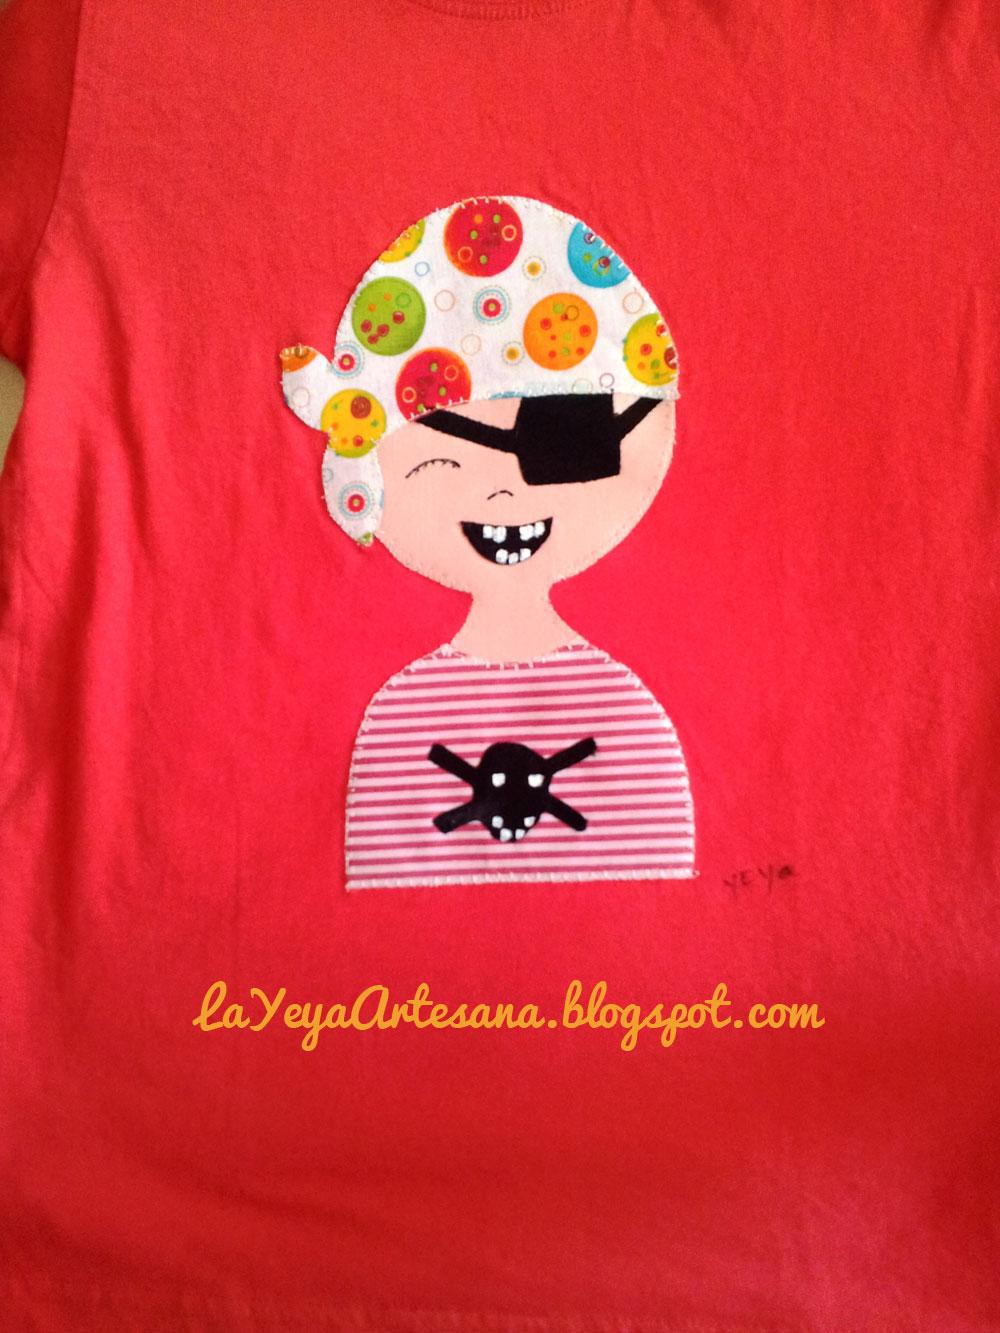 Camisetas infantiles y toallas - Toallas infantiles personalizadas ...